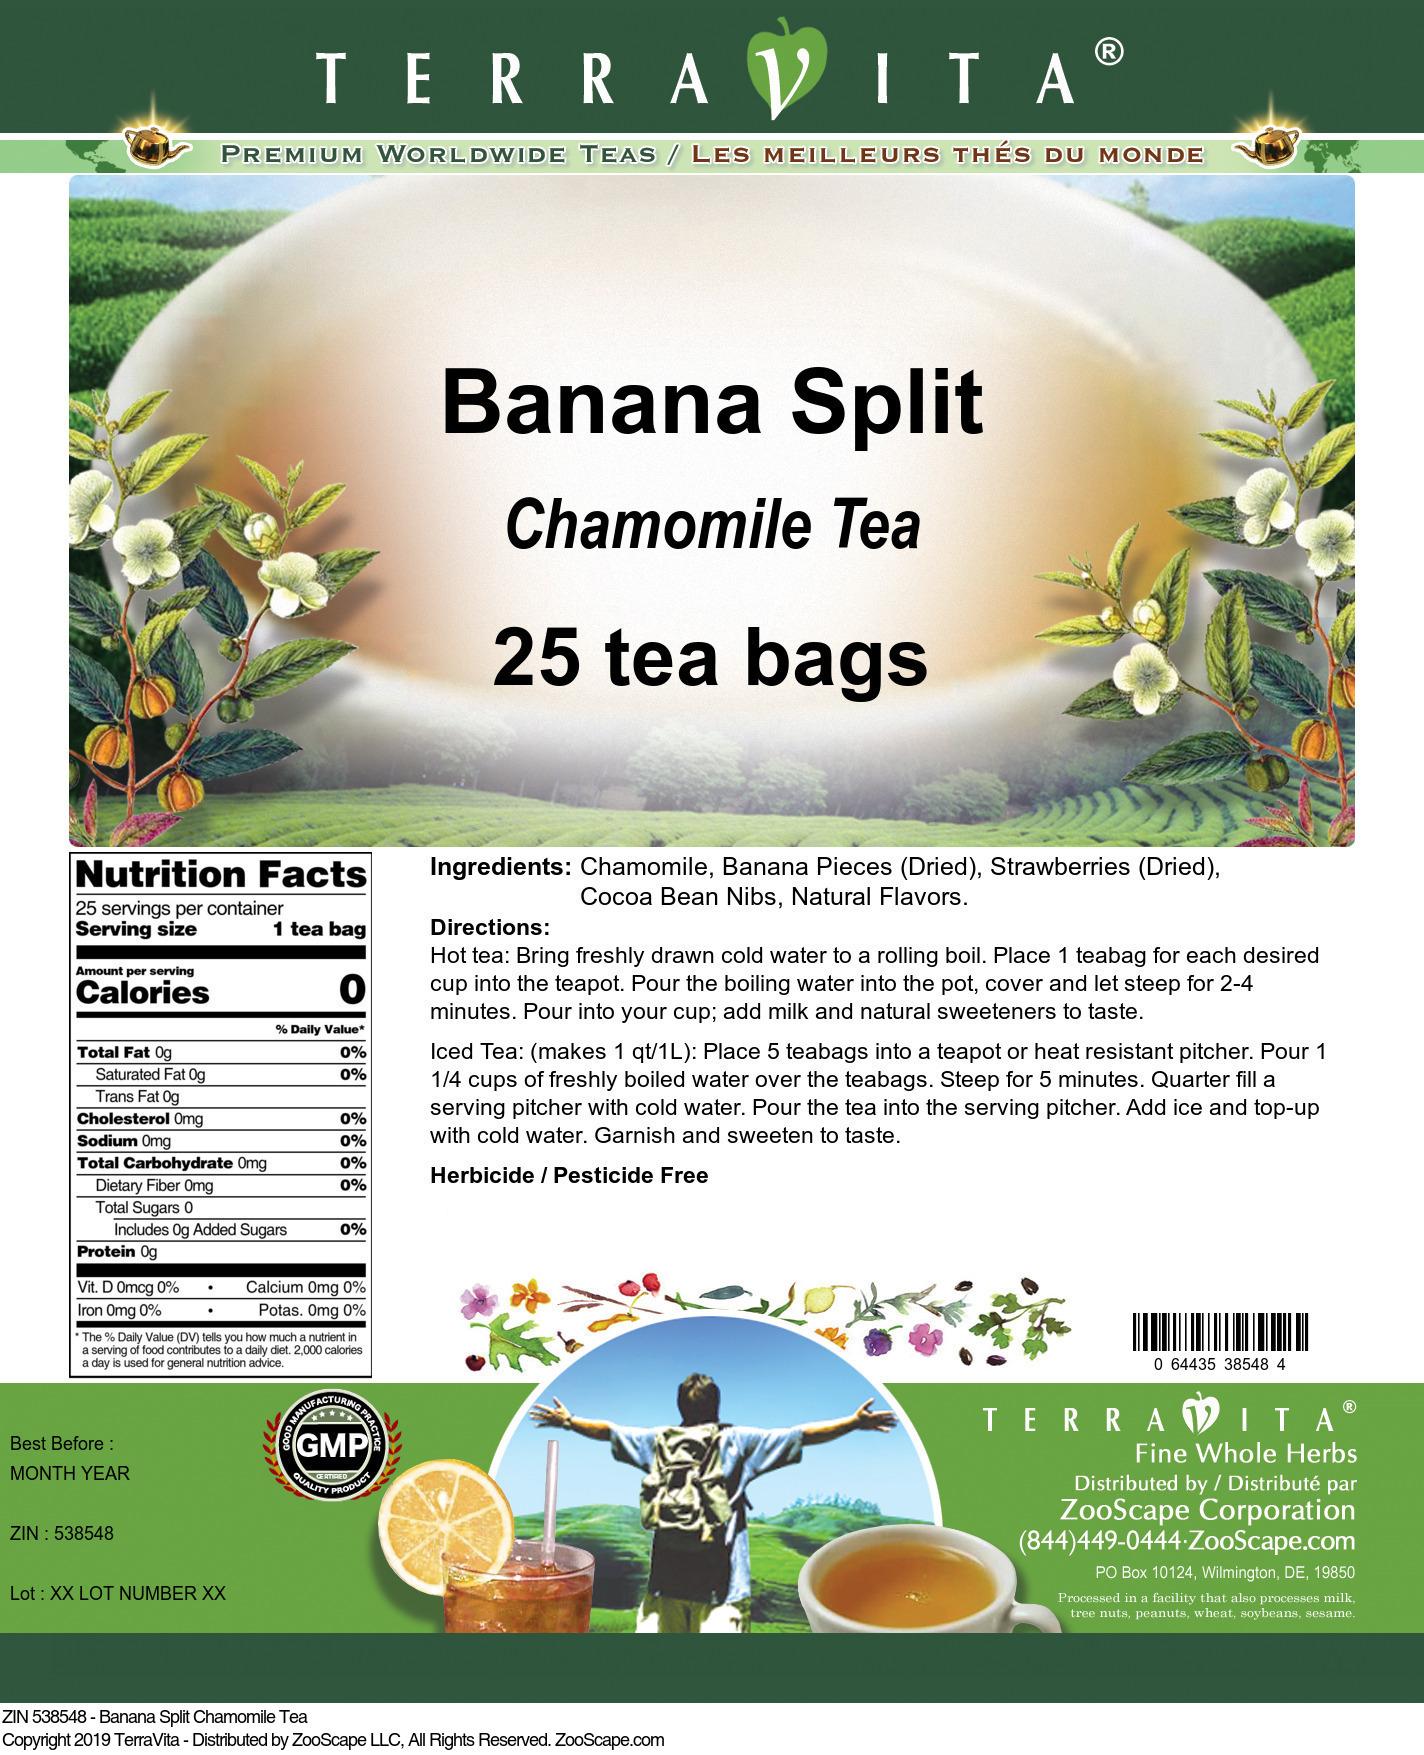 Banana Split Chamomile Tea